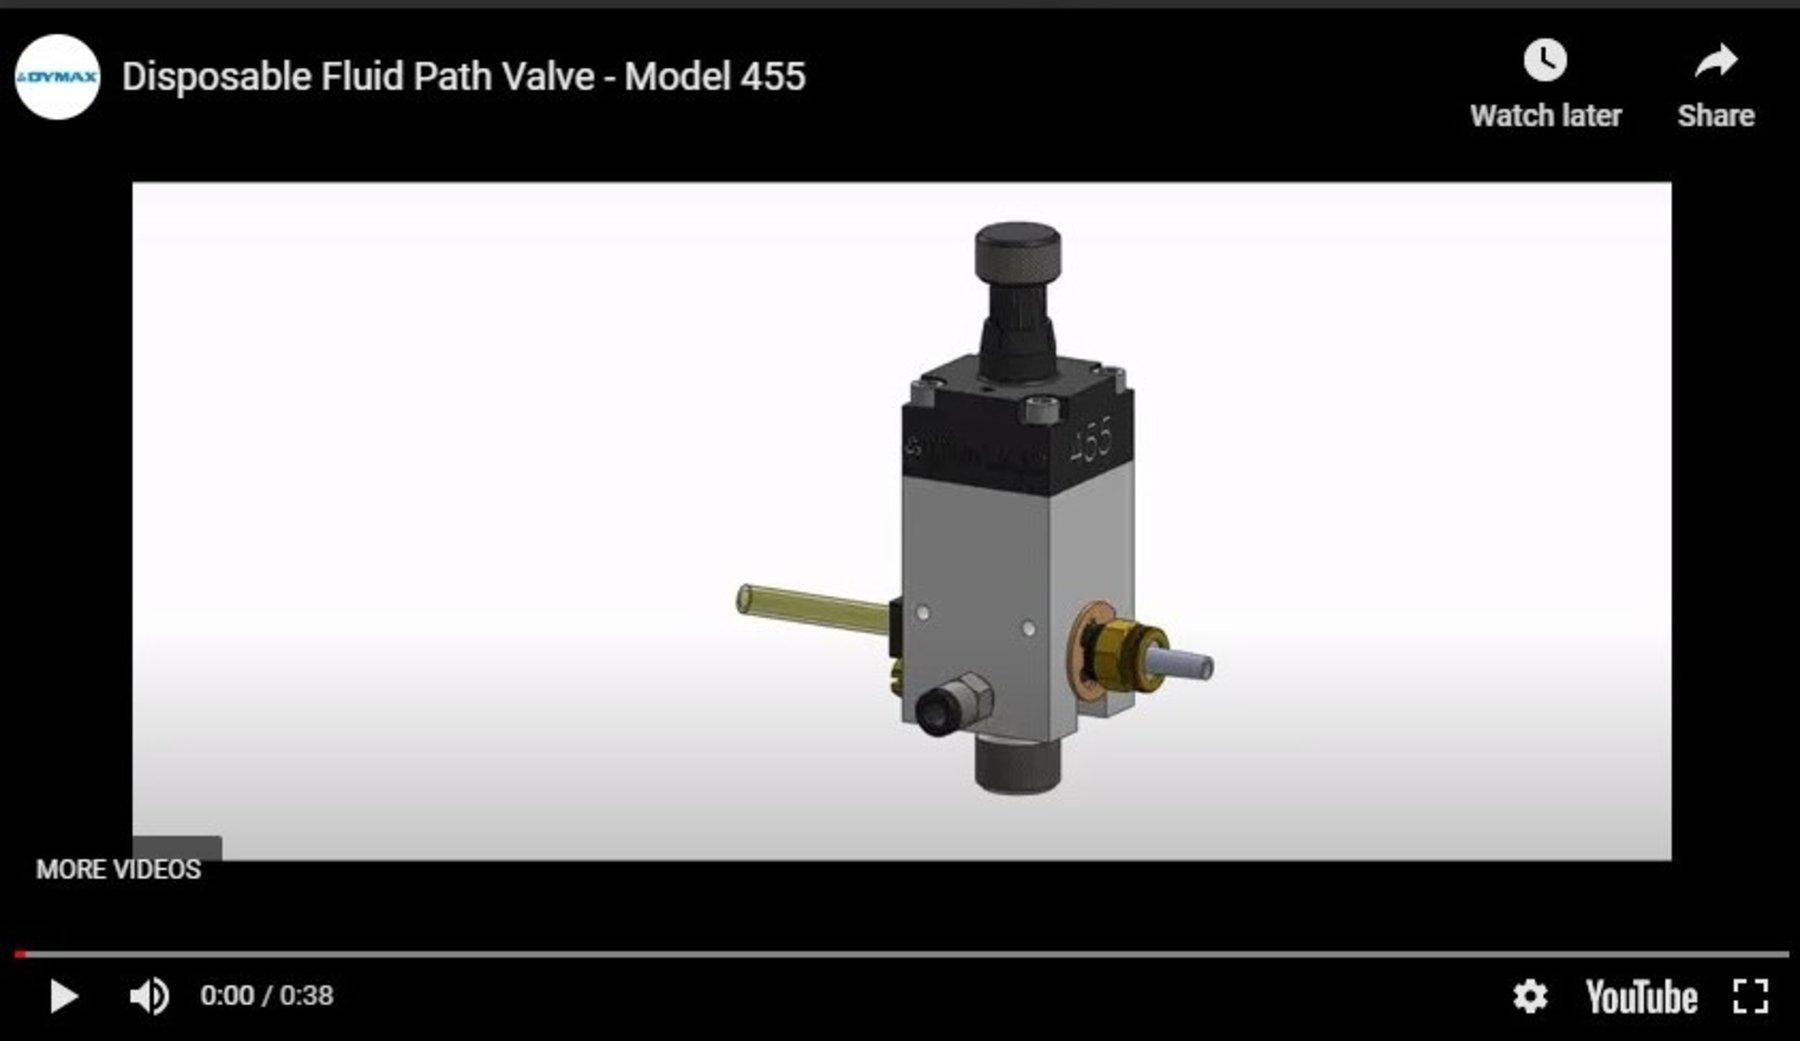 Model 455 Disposable Fluid Path Dispense Valve